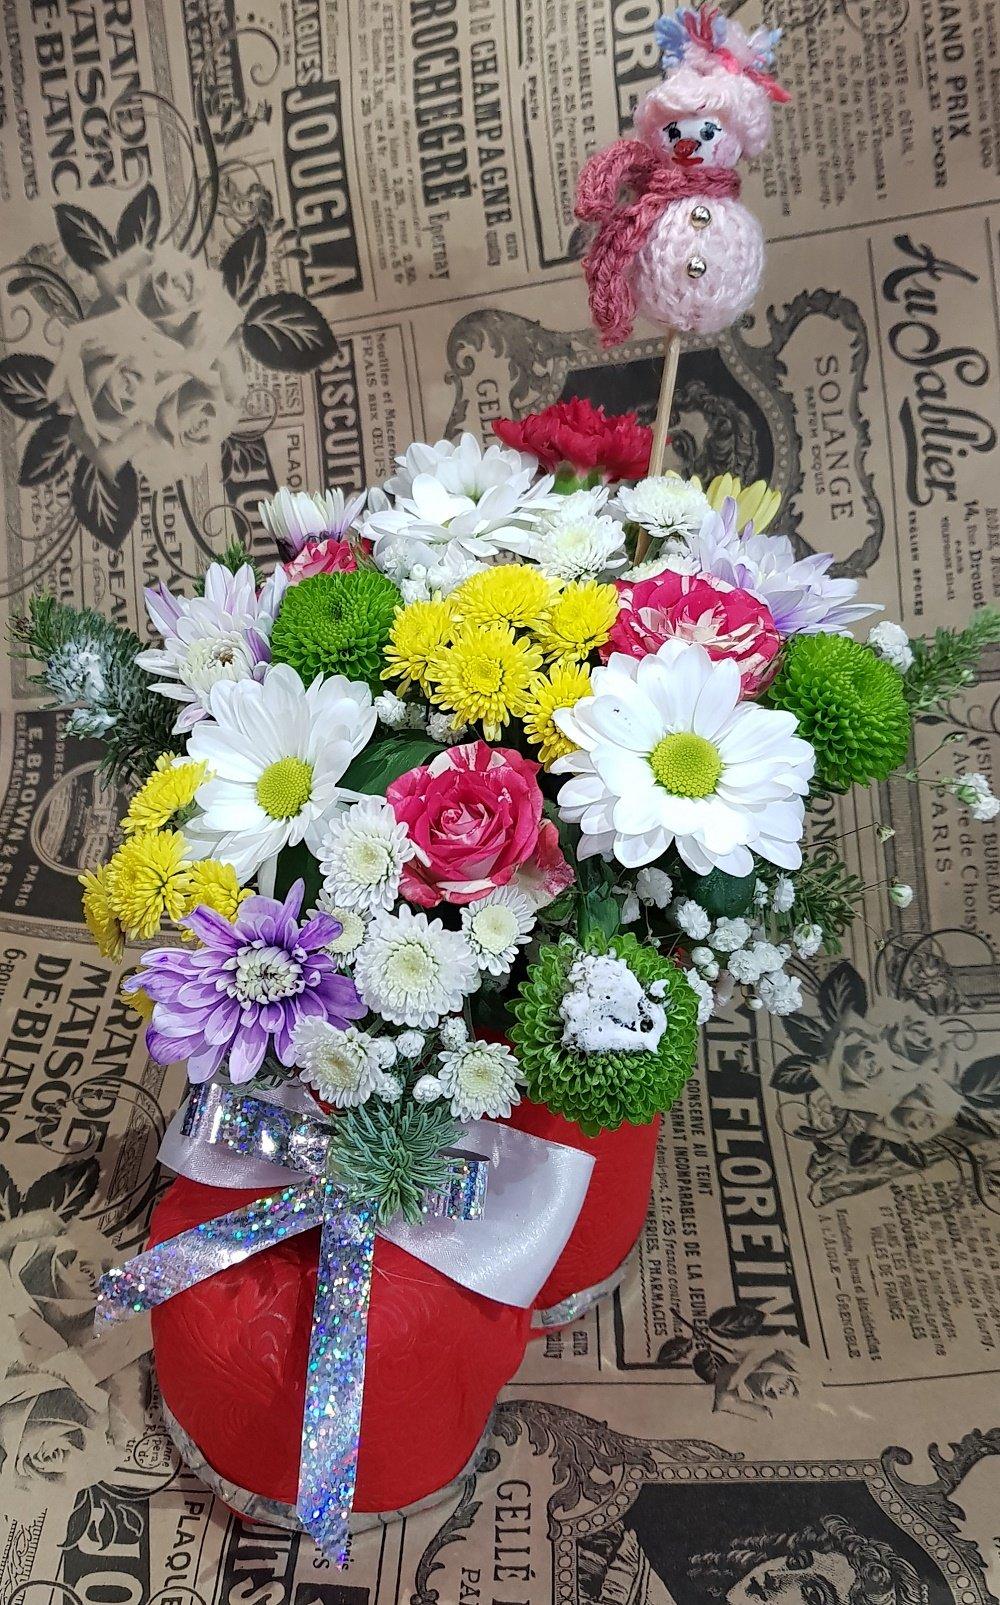 Рынок цветов, магазин цветов васильков